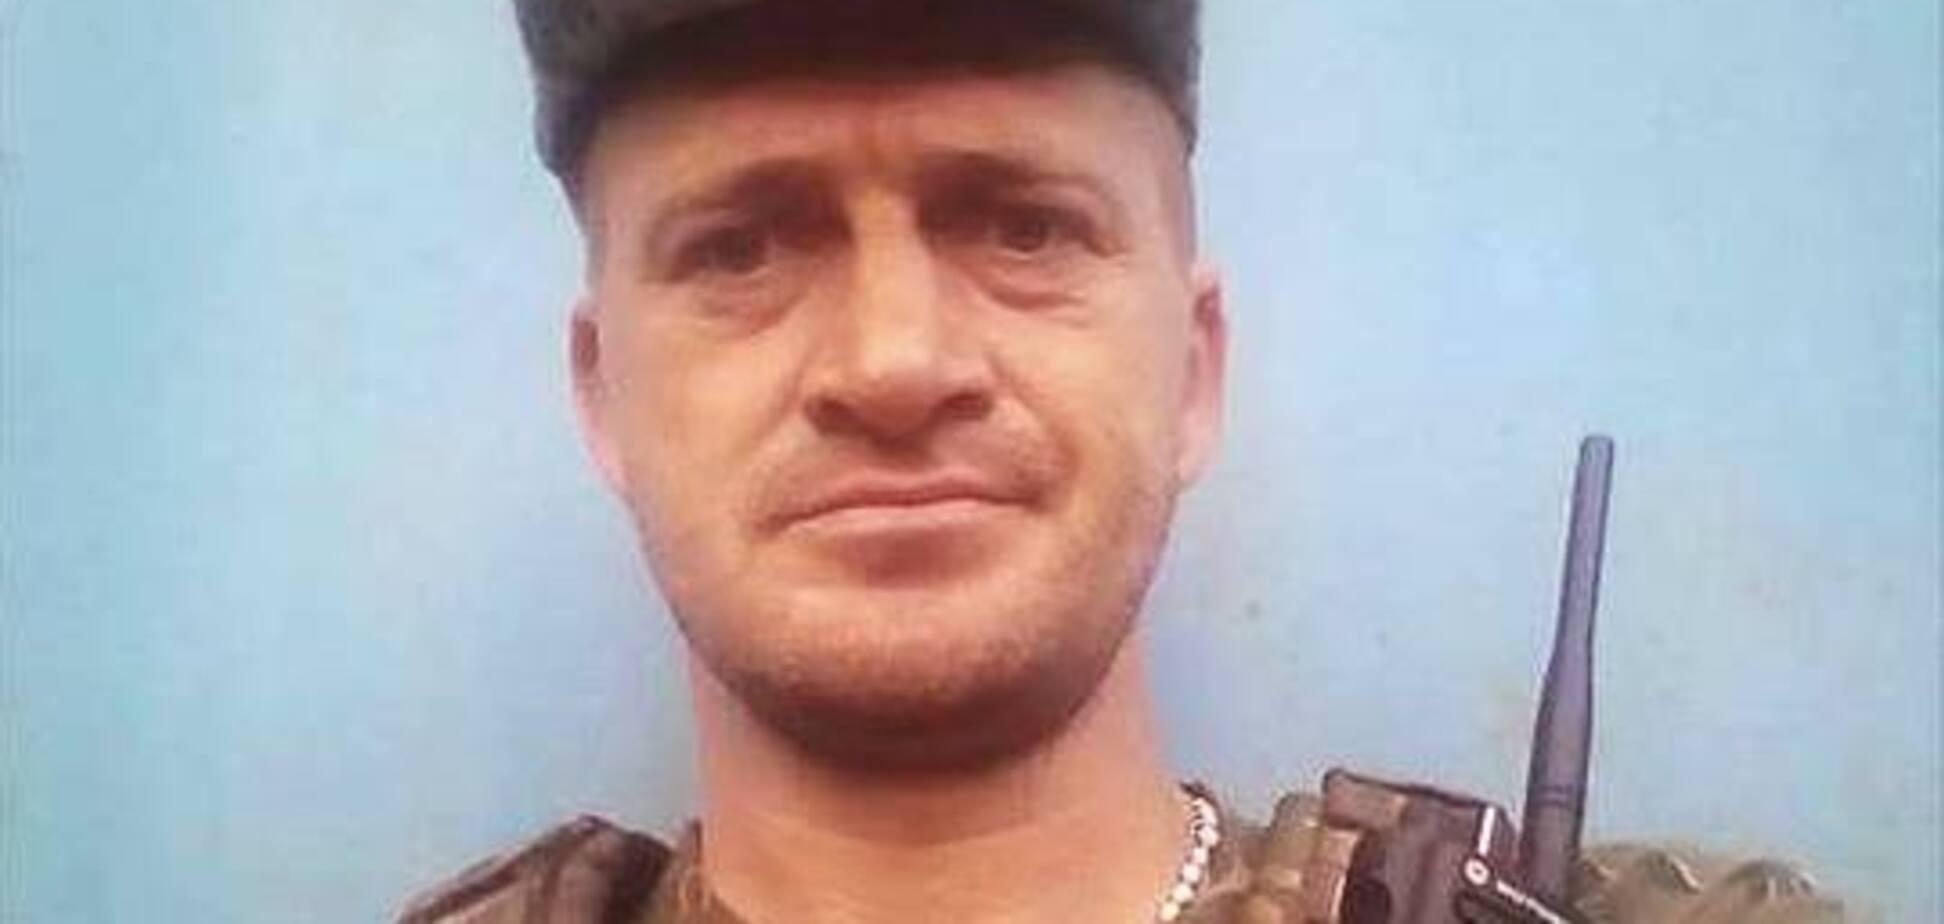 'Забили ножем у спину': з'явилися подробиці жорстокого вбивства бійця ЗСУ під Луганськом